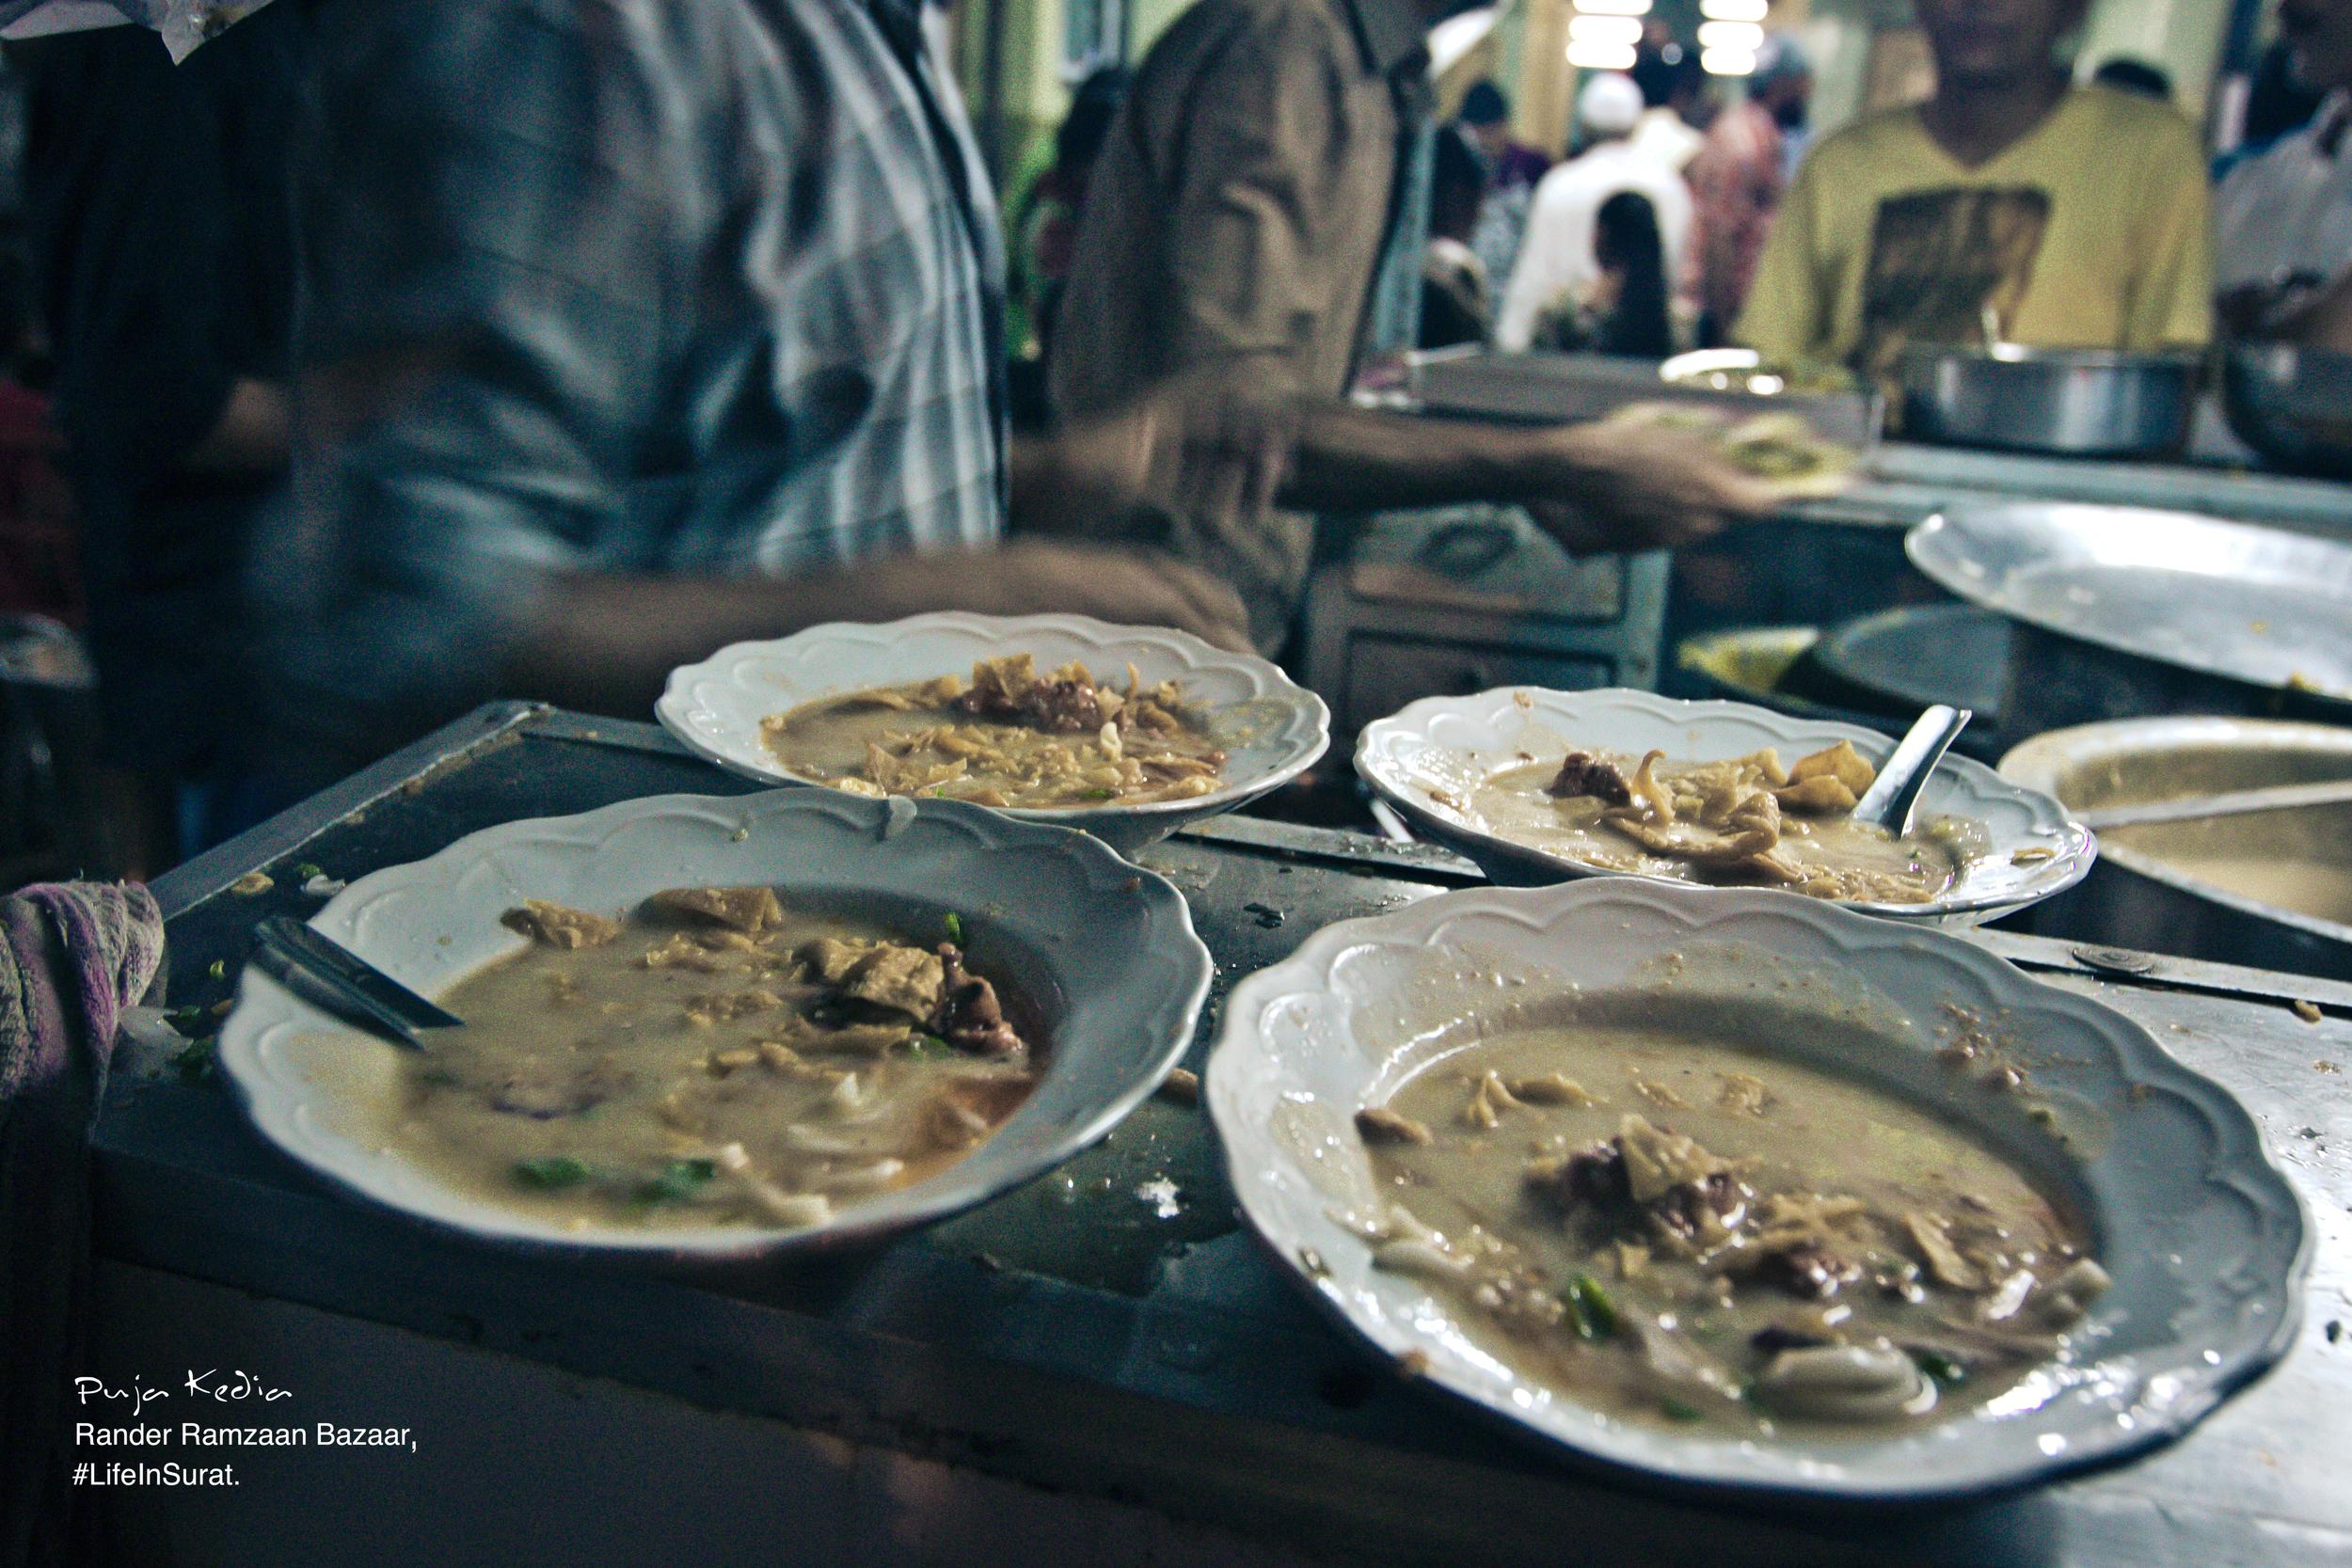 Rander Ramzaan Bazar - Khausa